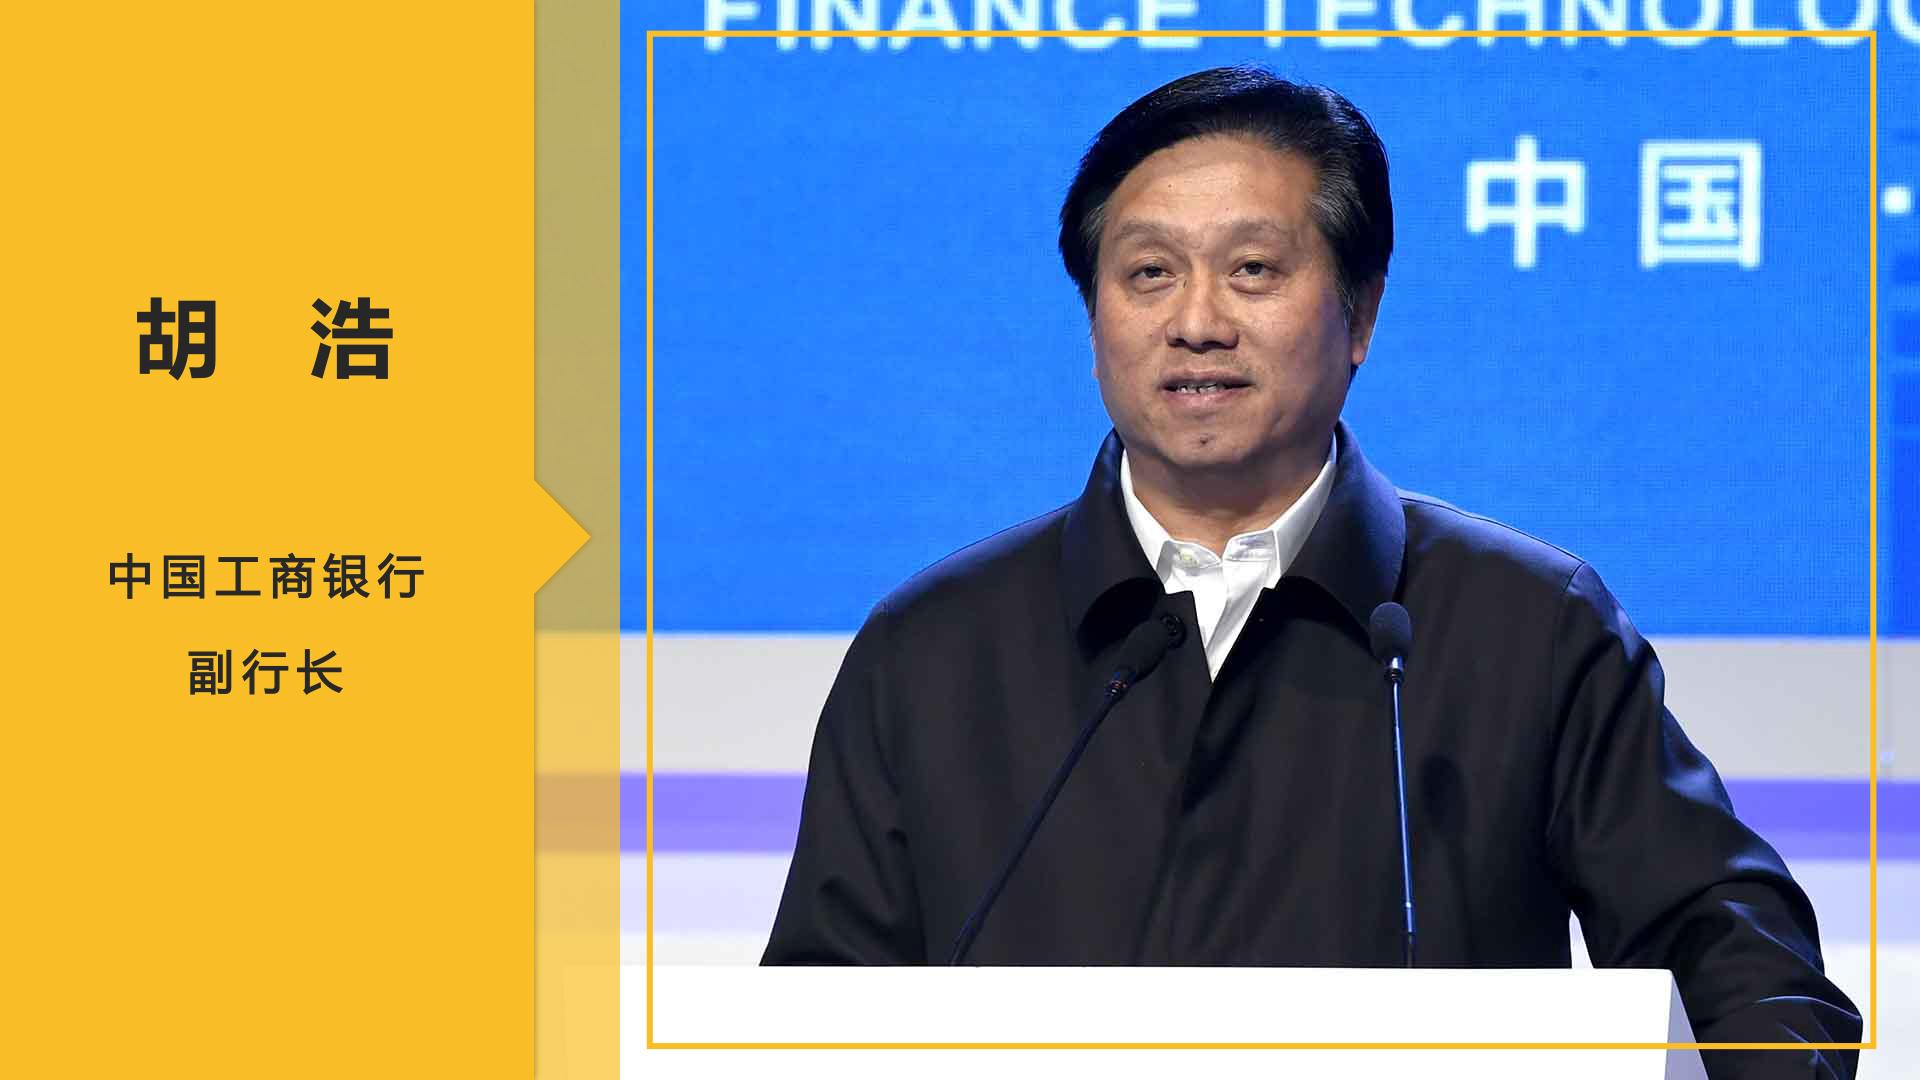 胡浩:以科技金融驱动创新发展